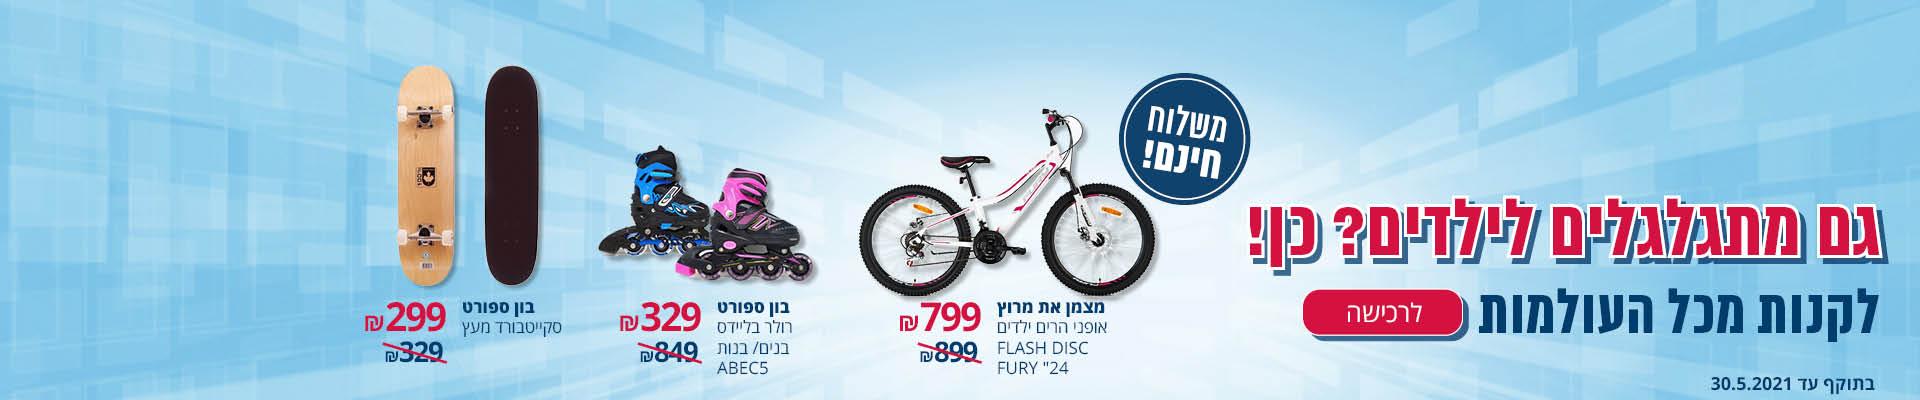 גם מתגלגלים לילדים? כן! לקנות מכל העולמות מצמן את מרוץ אופני הרים ילדים FLASH DISC 799 ₪ בו ספורט רולר בליידס בנים/בנות ABEC5 329 ₪ בון ספורט סקייטבורד מעץ 299 ₪ משלוח חינם לרכישה בתוקף עד 30.5.2021